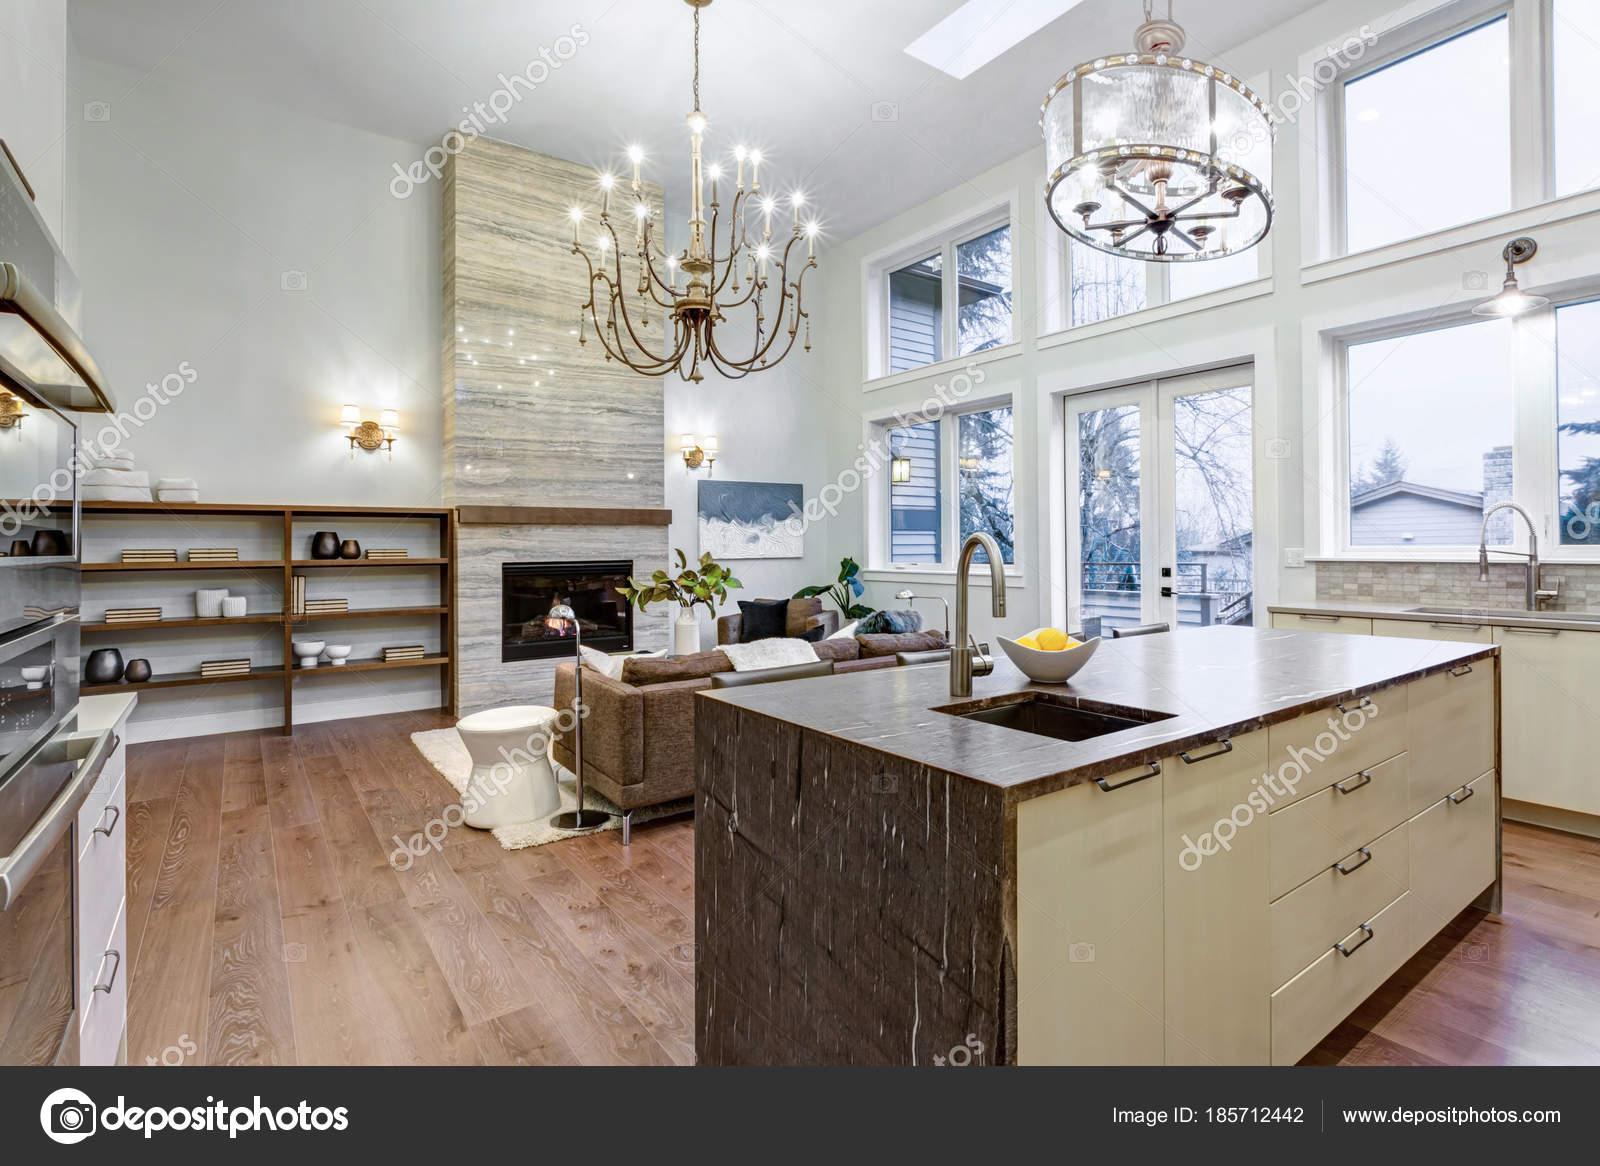 Unglaublich helle und luftige Wohnzimmer mit hohen Decken in einem ...